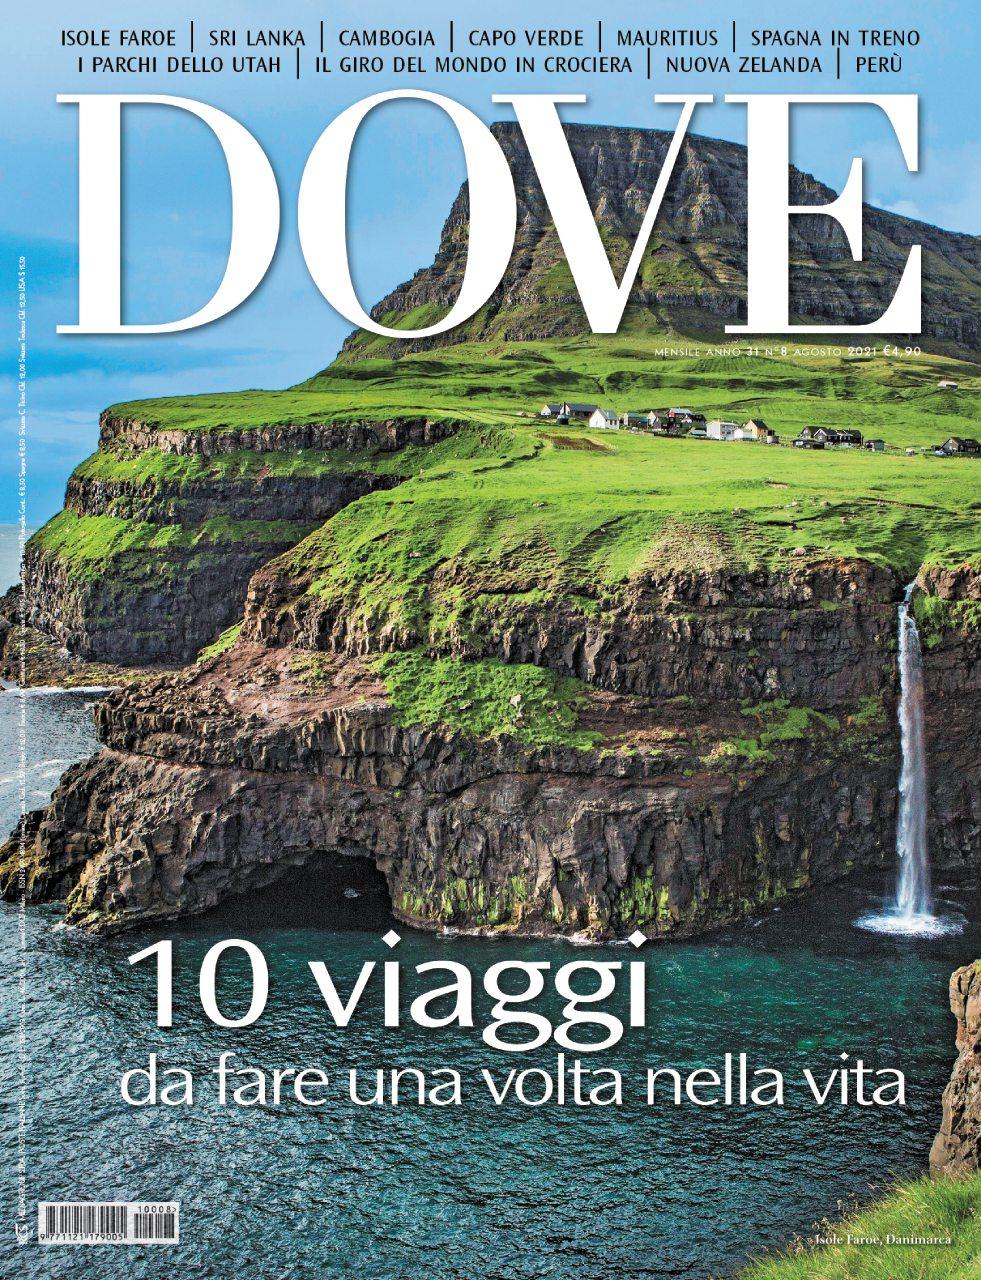 rivista dove agosto 2021 con i dieci viaggi da fare una volta nella vita